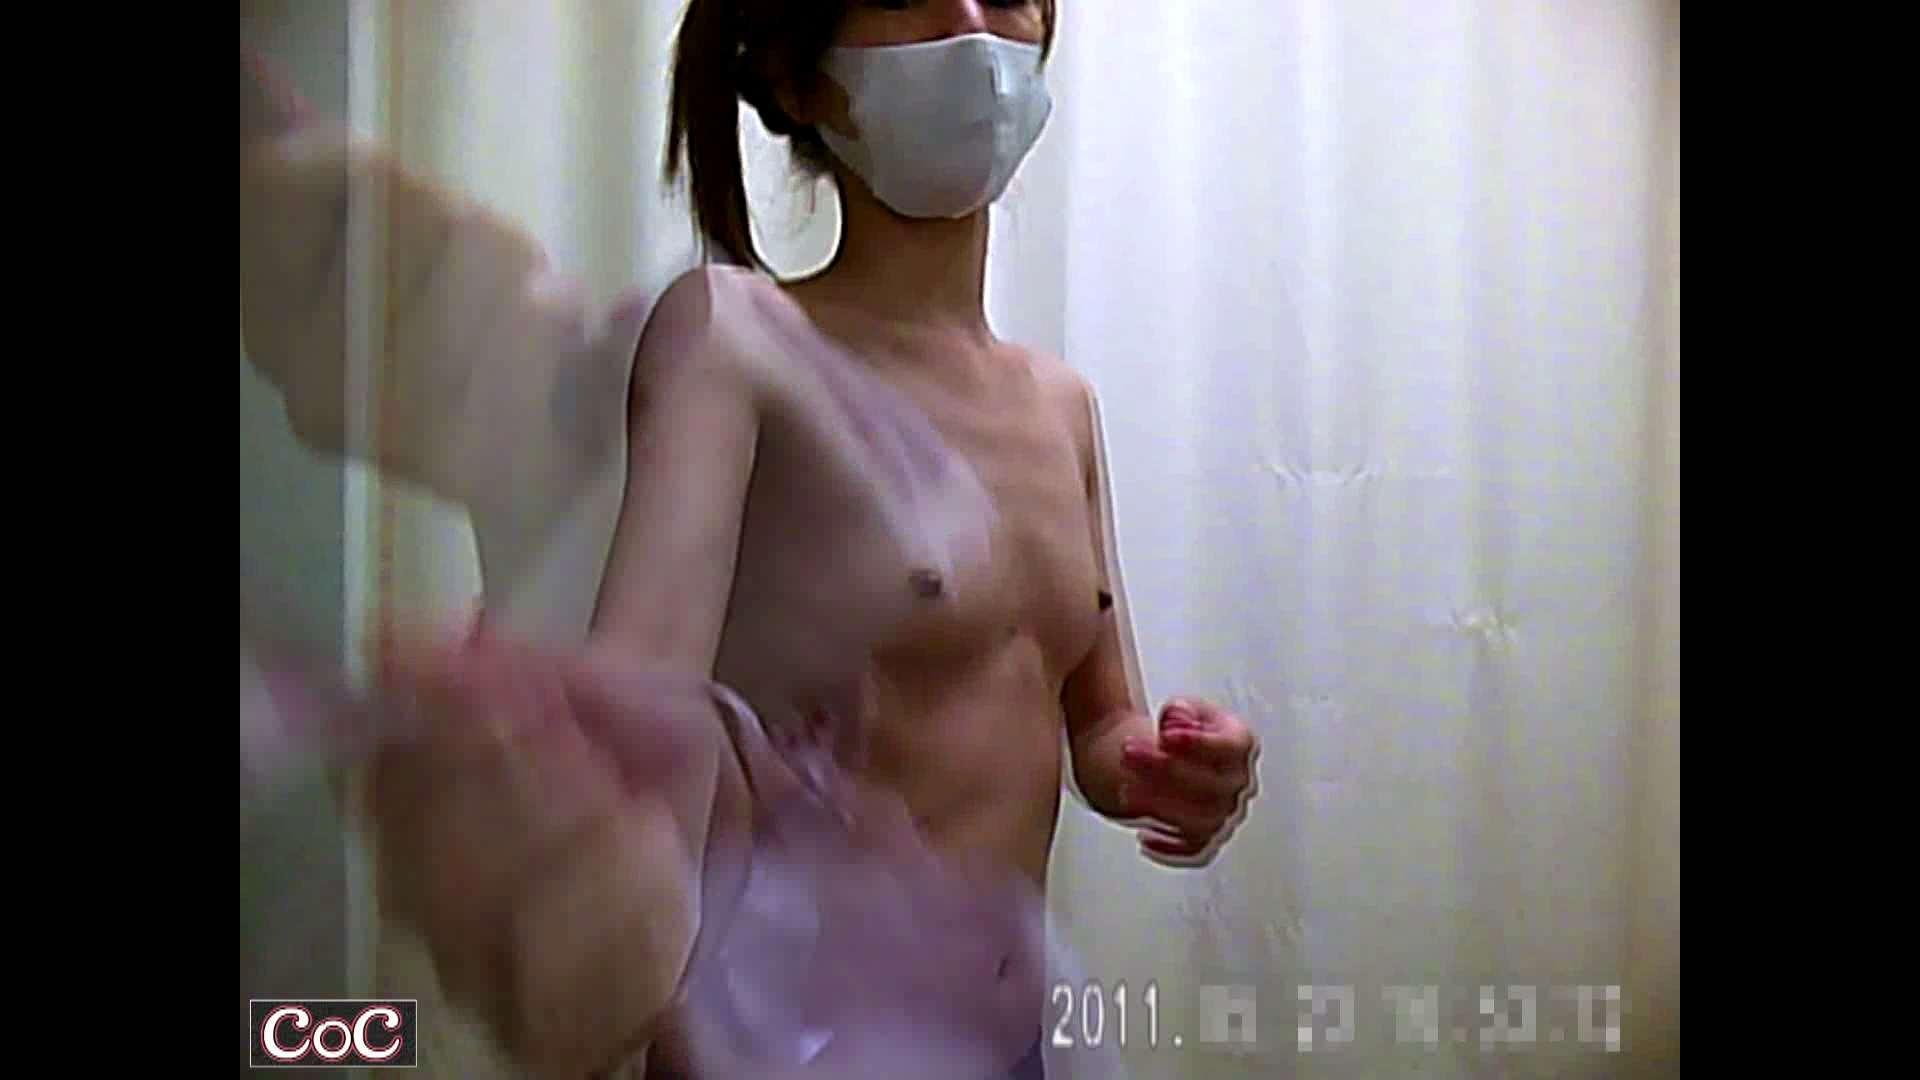 巨乳 乳首:元医者による反抗 更衣室地獄絵巻 vol.171:怪盗ジョーカー